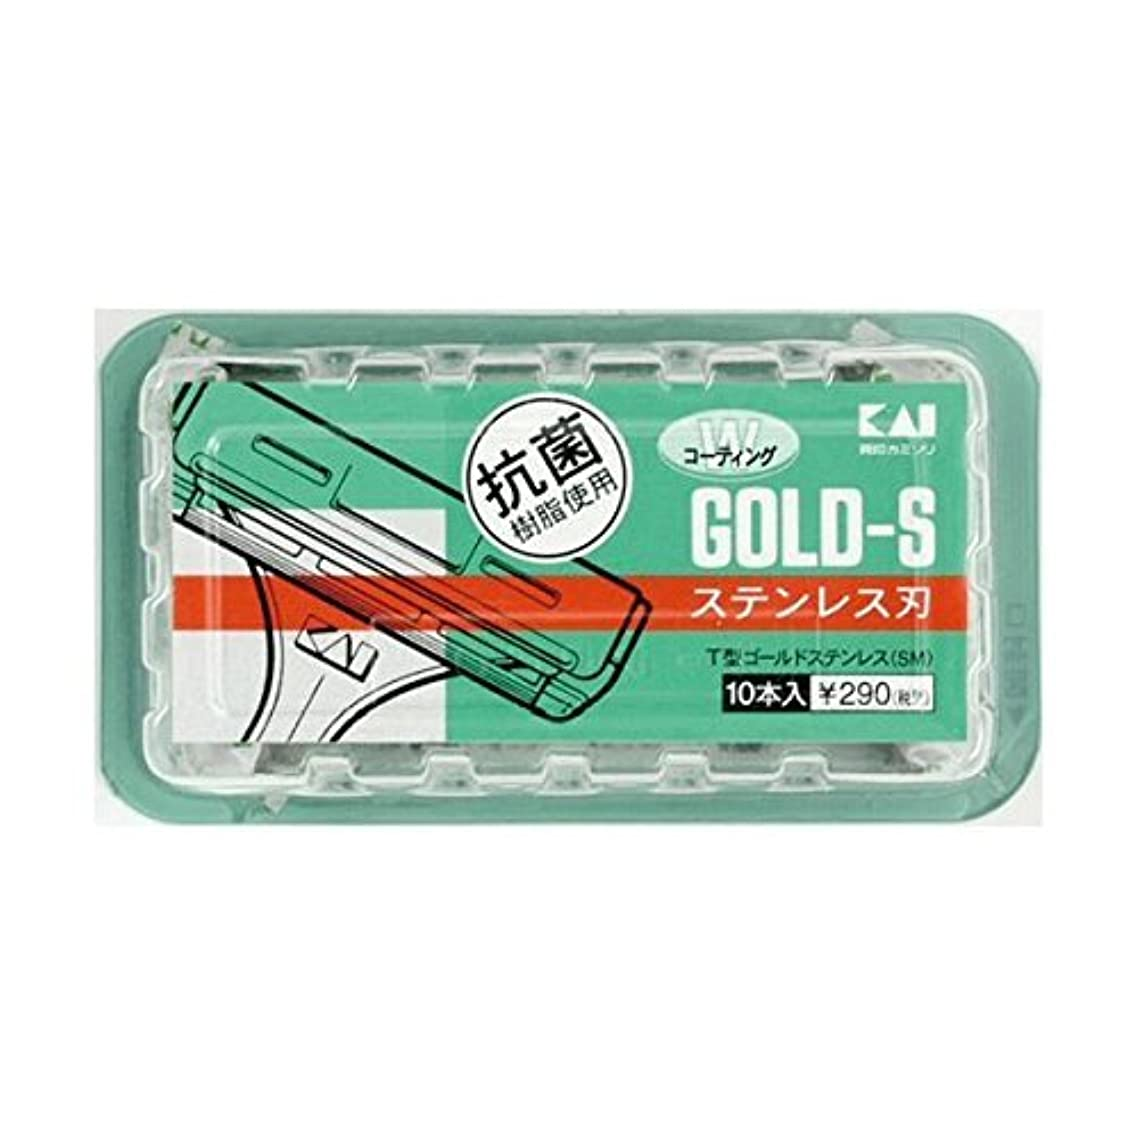 ほうき入浴補正貝印 (業務用20セット) T型ゴールドステンレスSM10本